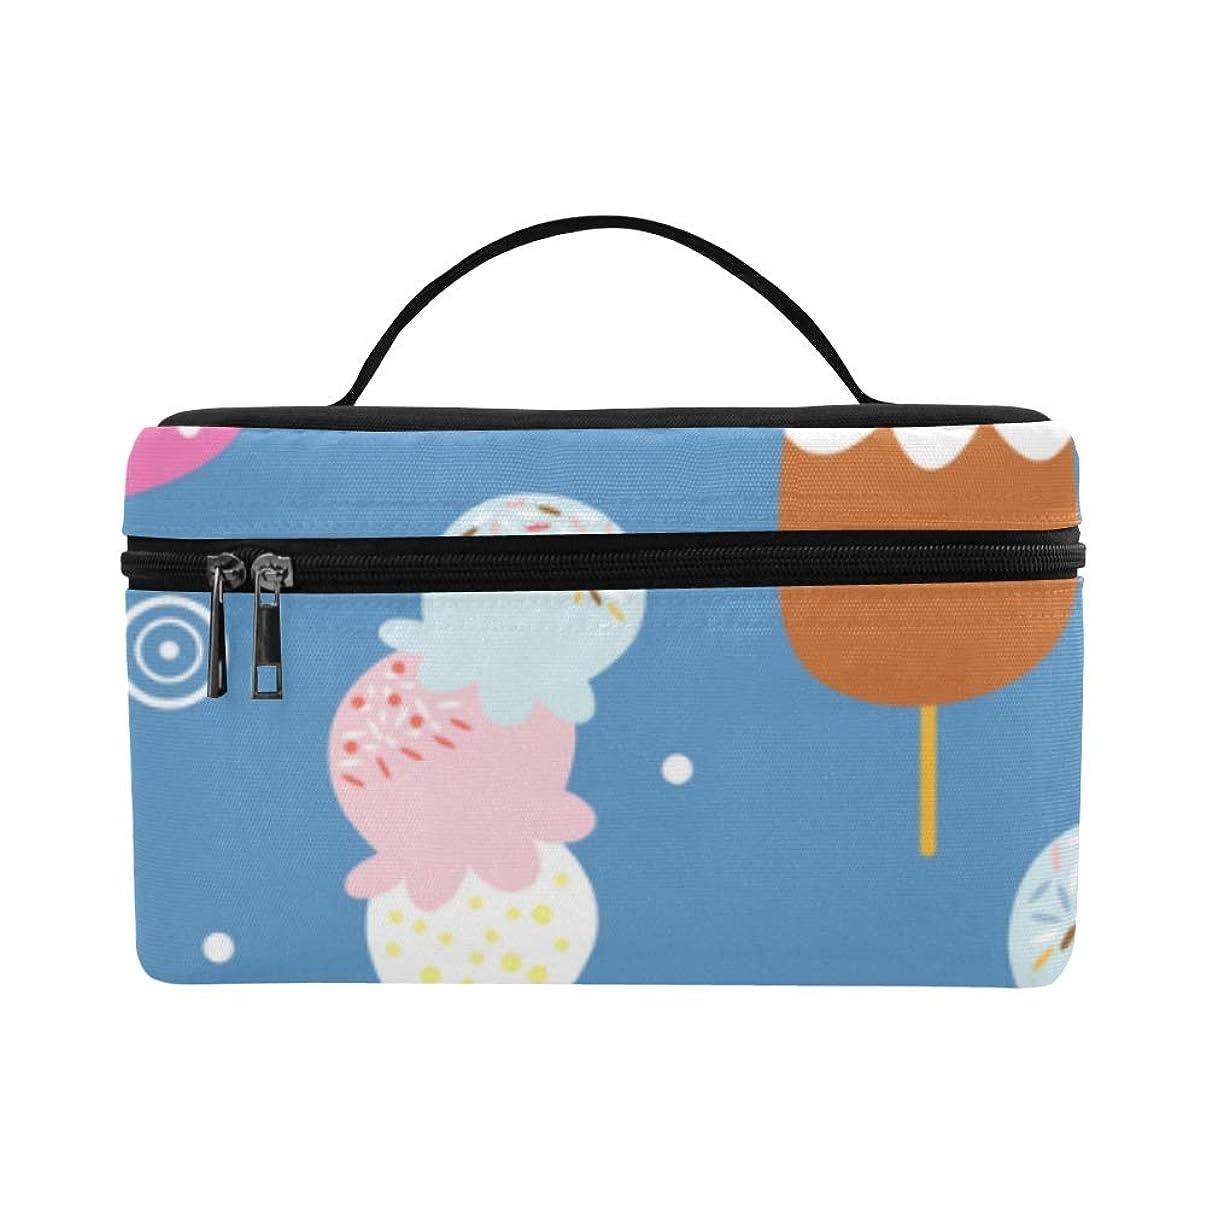 飢えたひねり表面GGSXD メイクボックス おいしいアイスクリーム コスメ収納 化粧品収納ケース 大容量 収納ボックス 化粧品入れ 化粧バッグ 旅行用 メイクブラシバッグ 化粧箱 持ち運び便利 プロ用